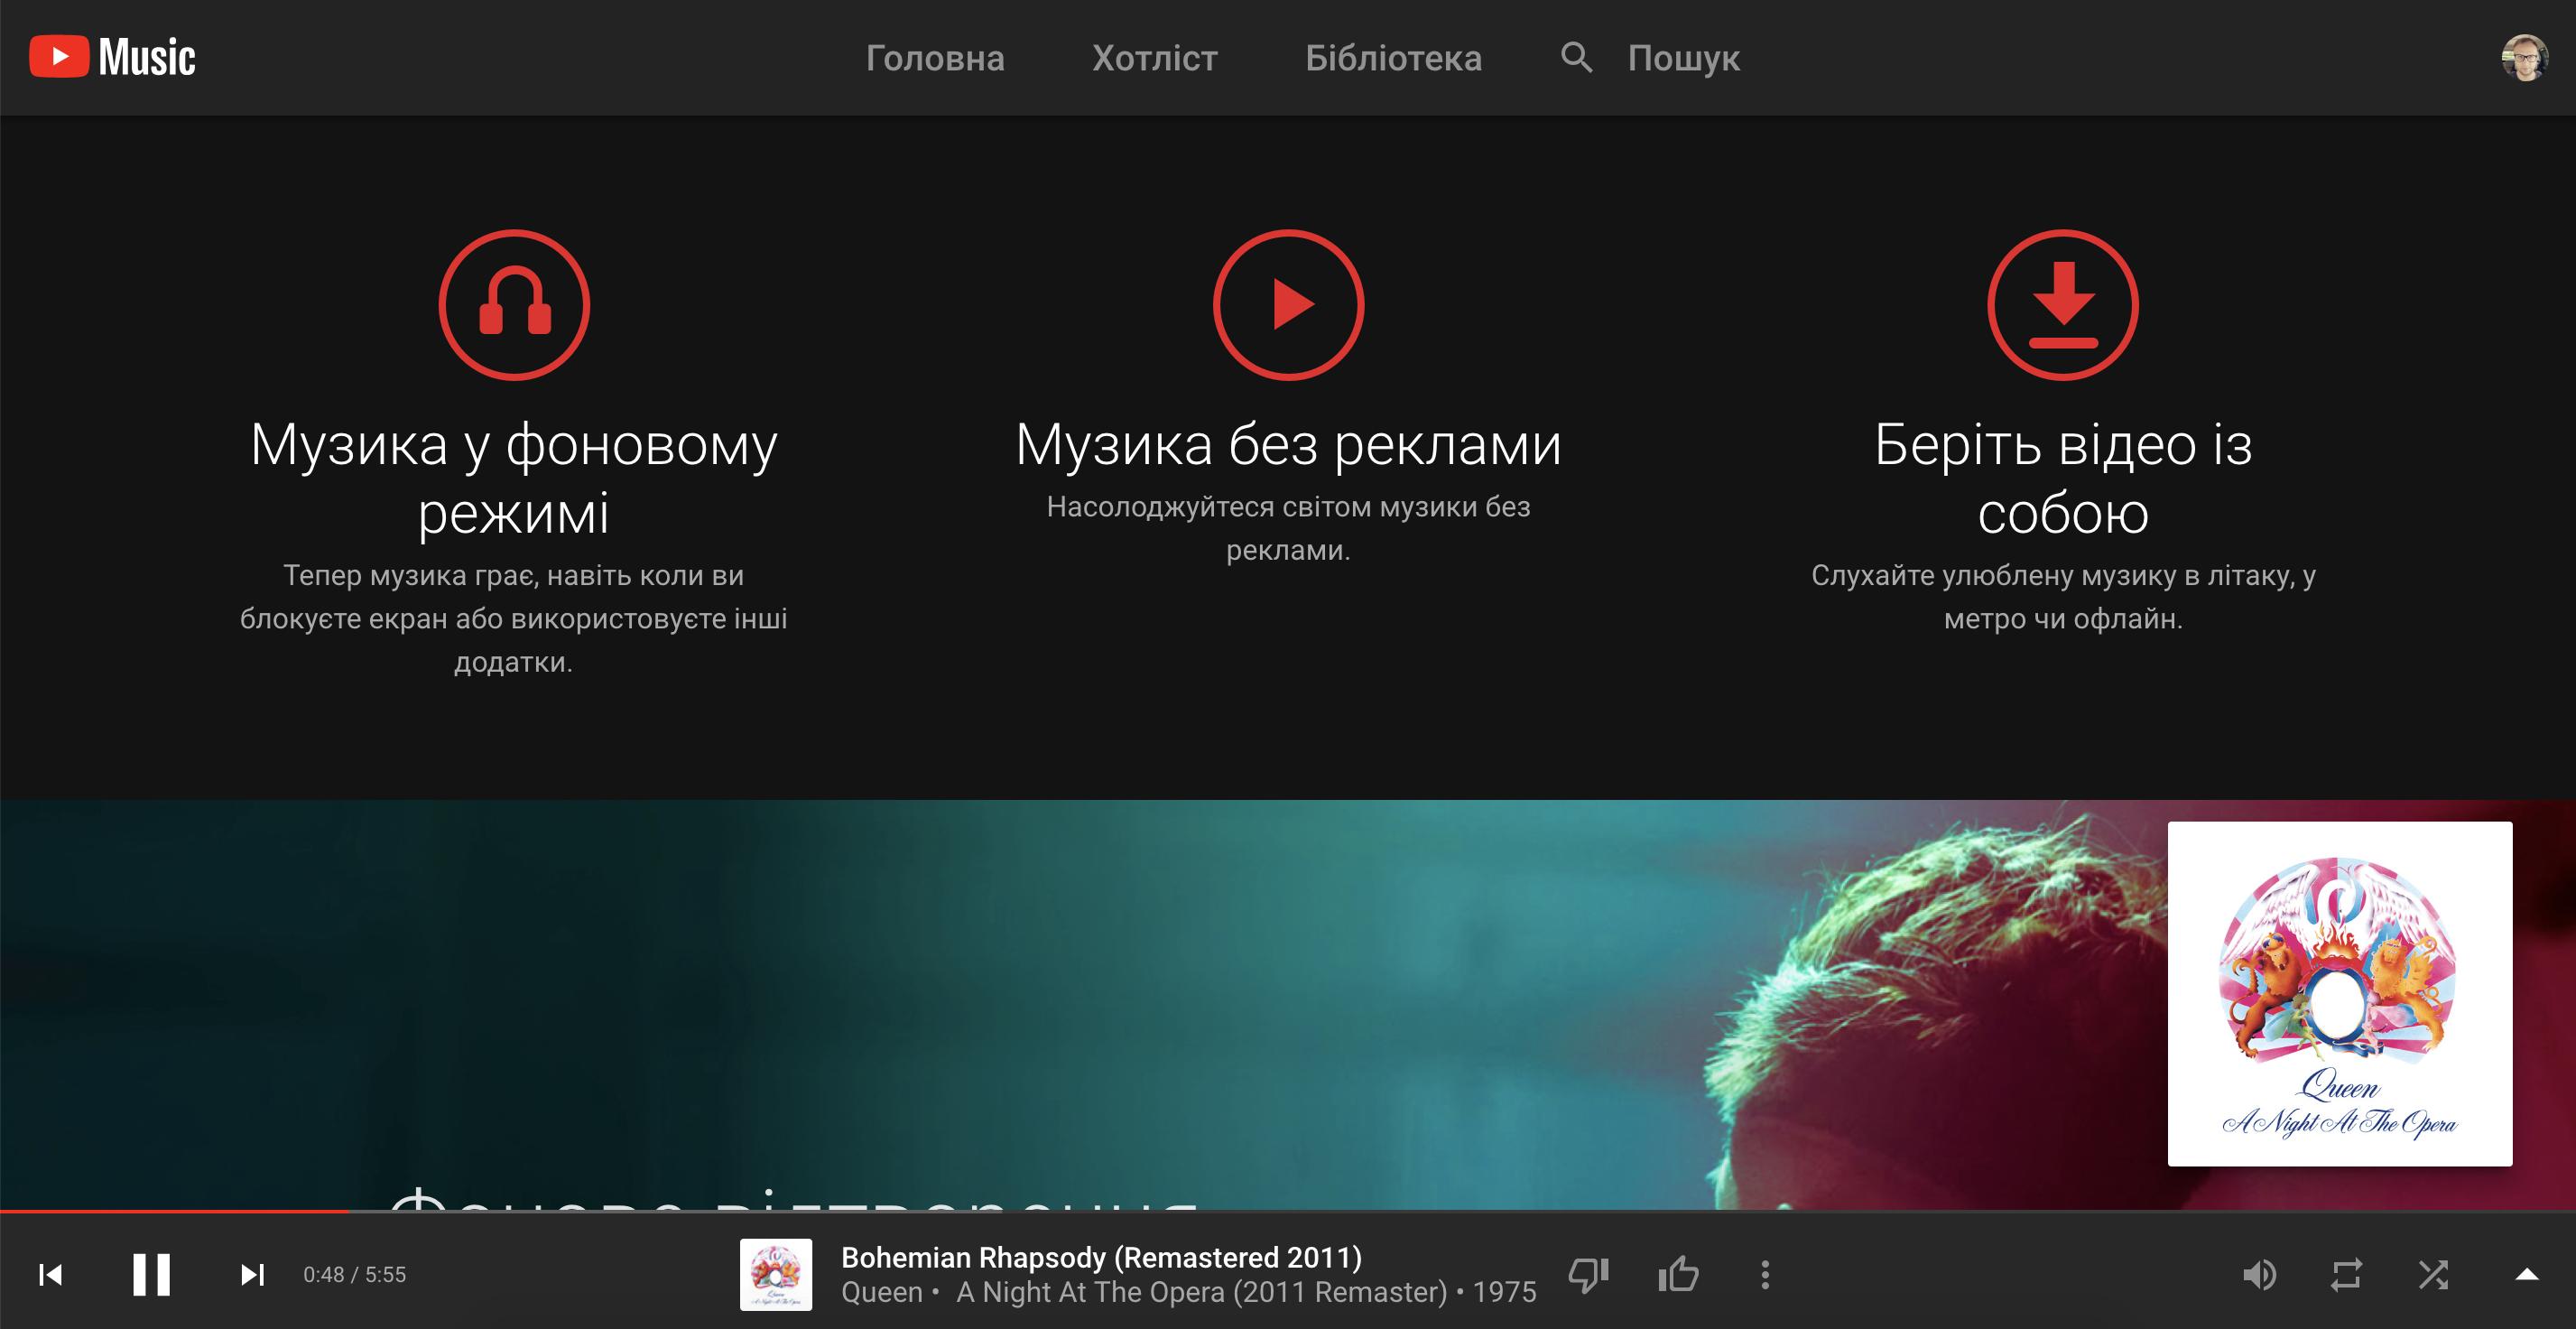 YouTube Music и YouTube Premium доступны в Украине за 79 и 99 грн в месяц (первые 3 месяца бесплатно)